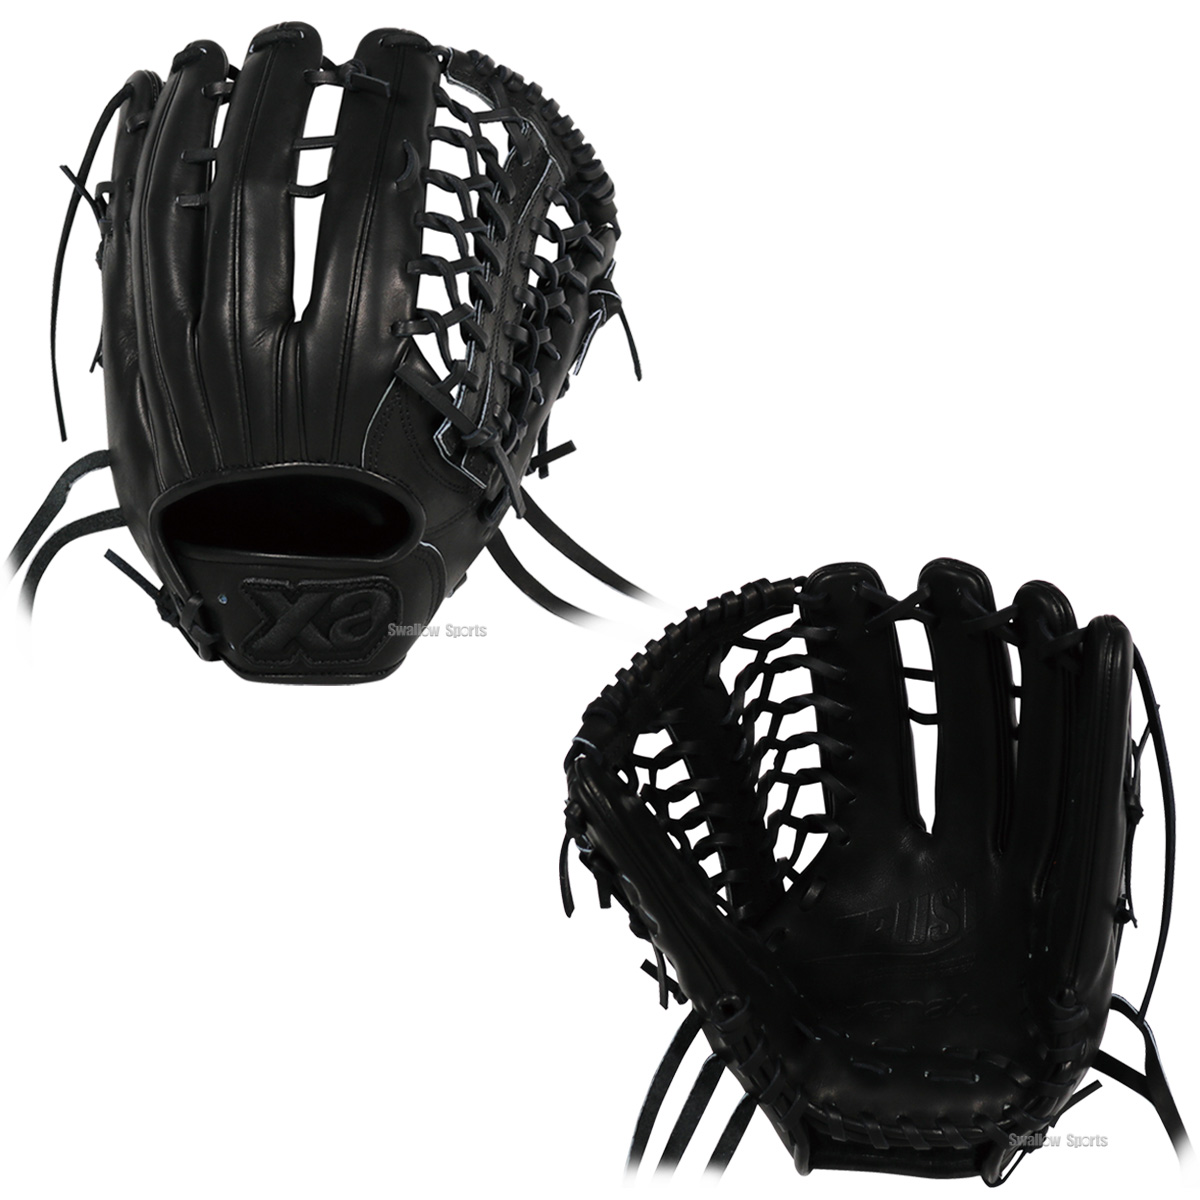 【あす楽対応】 送料無料 ザナックス XANAX 硬式グローブ グラブ トラスト BLACK LINE 外野手用 外野用 BHG-72118S 硬式用 高校野球 入学祝い 合格祝い 春季大会 新入生 卒業祝いのプレゼントにも 野球部 野球用品 スワロースポーツ